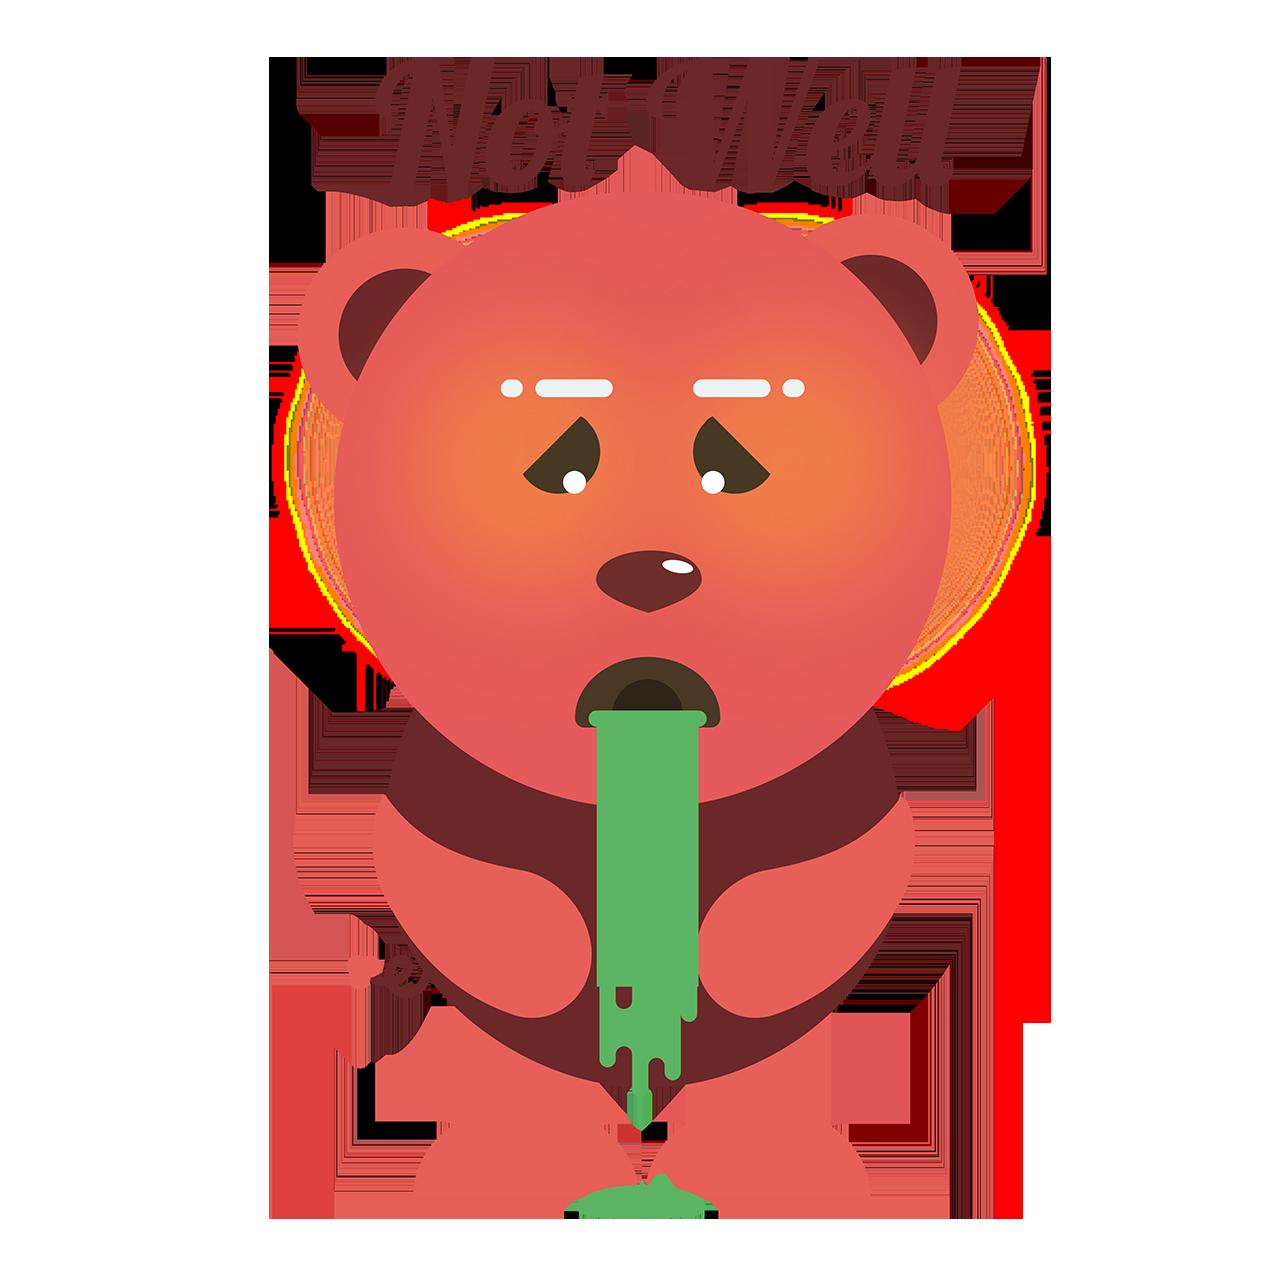 Tomato Soni messages sticker-6